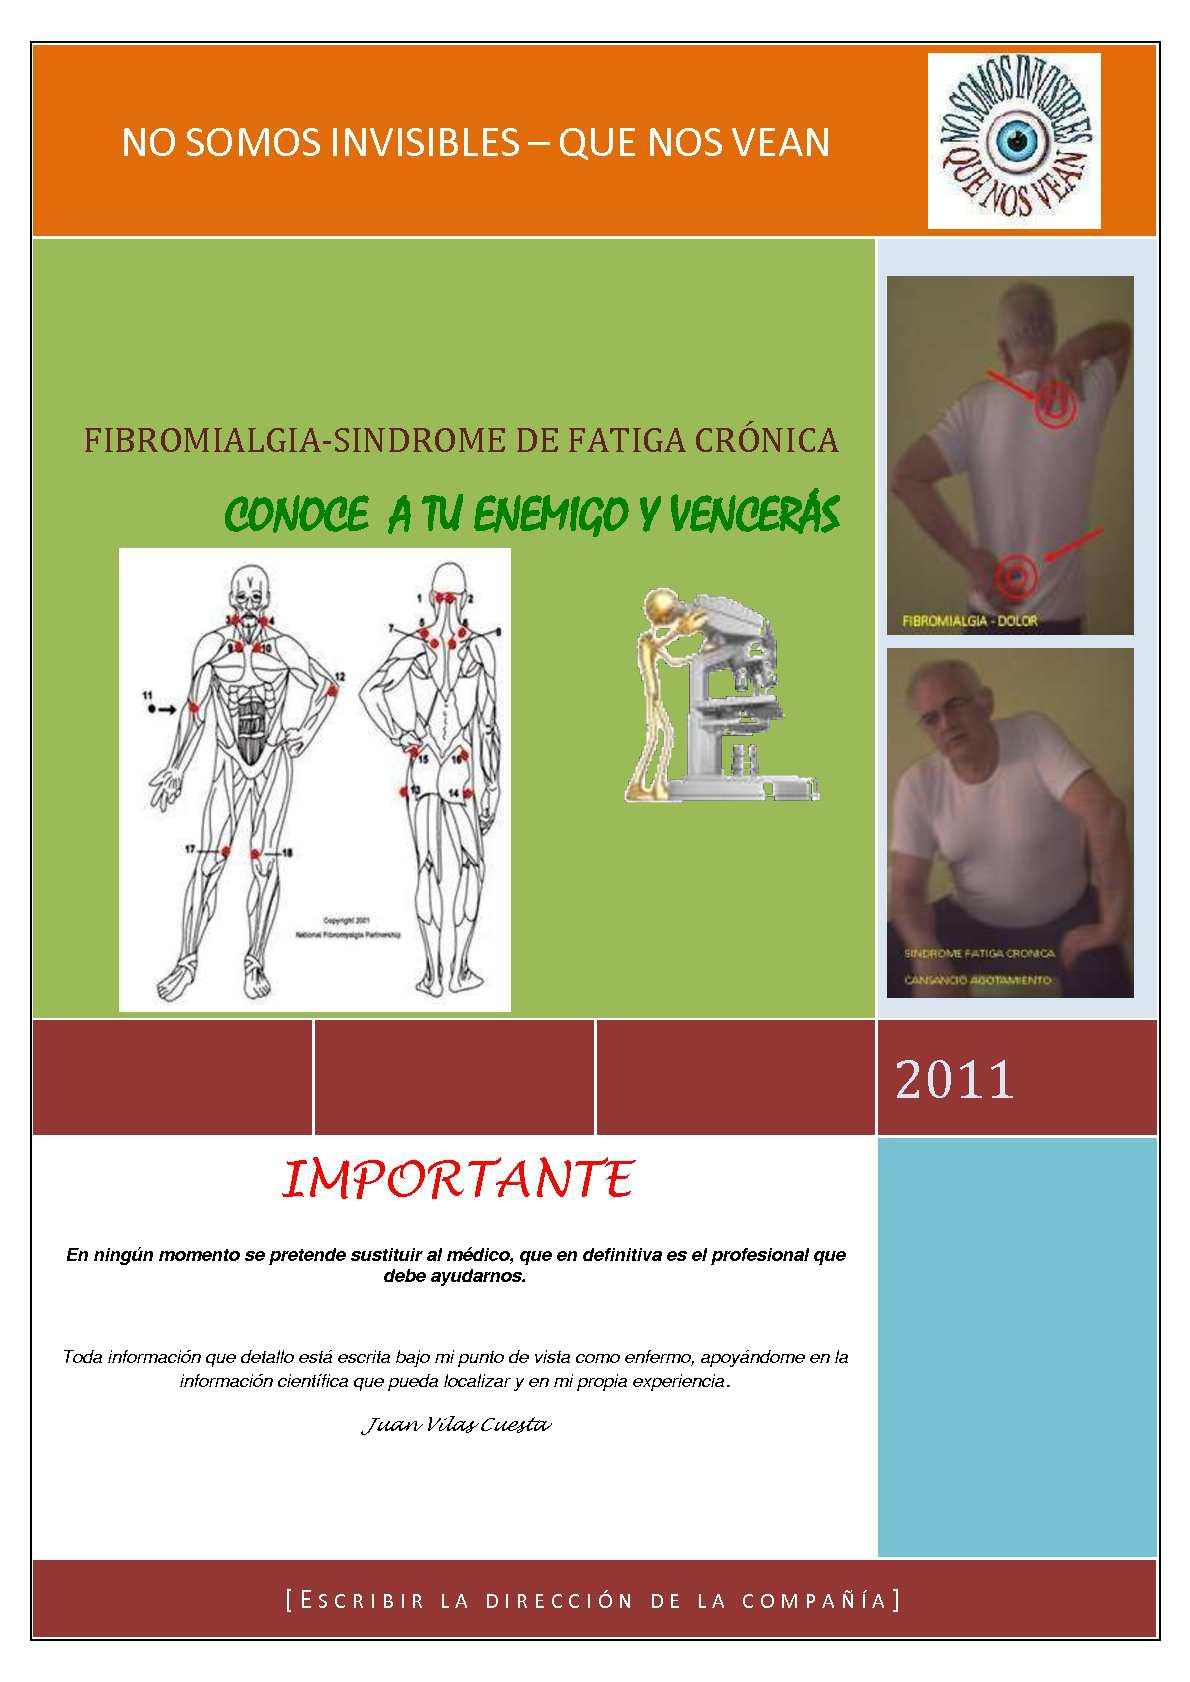 dolor de fibromialgia señala síntomas de diabetes